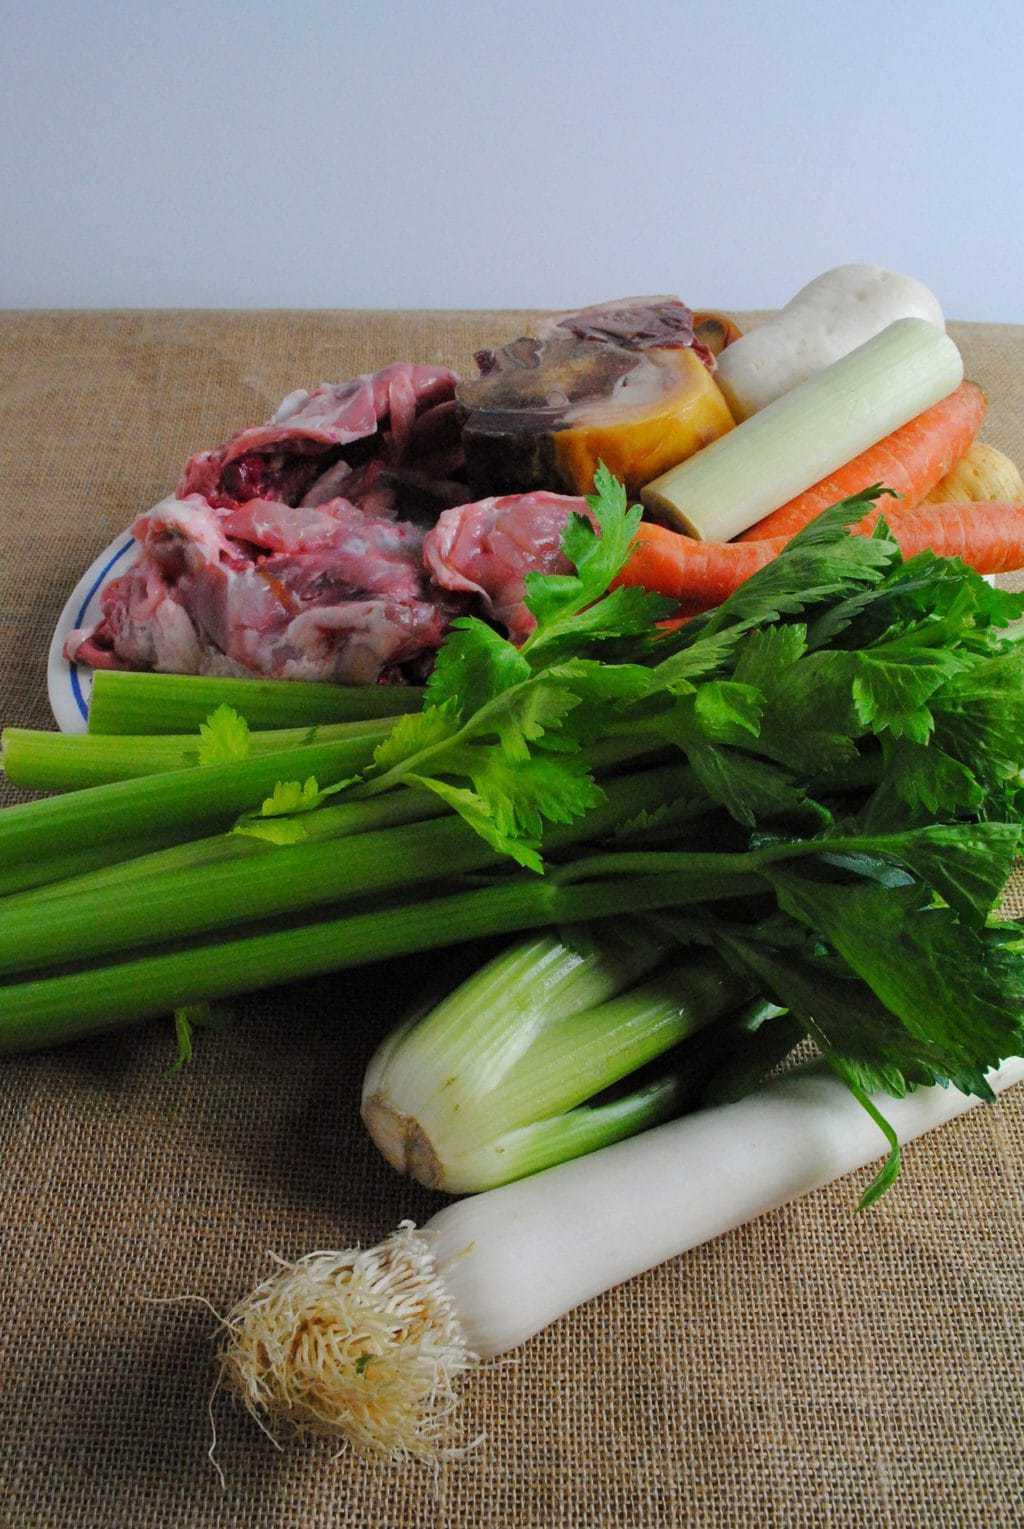 caldo de pollo con verduras casero